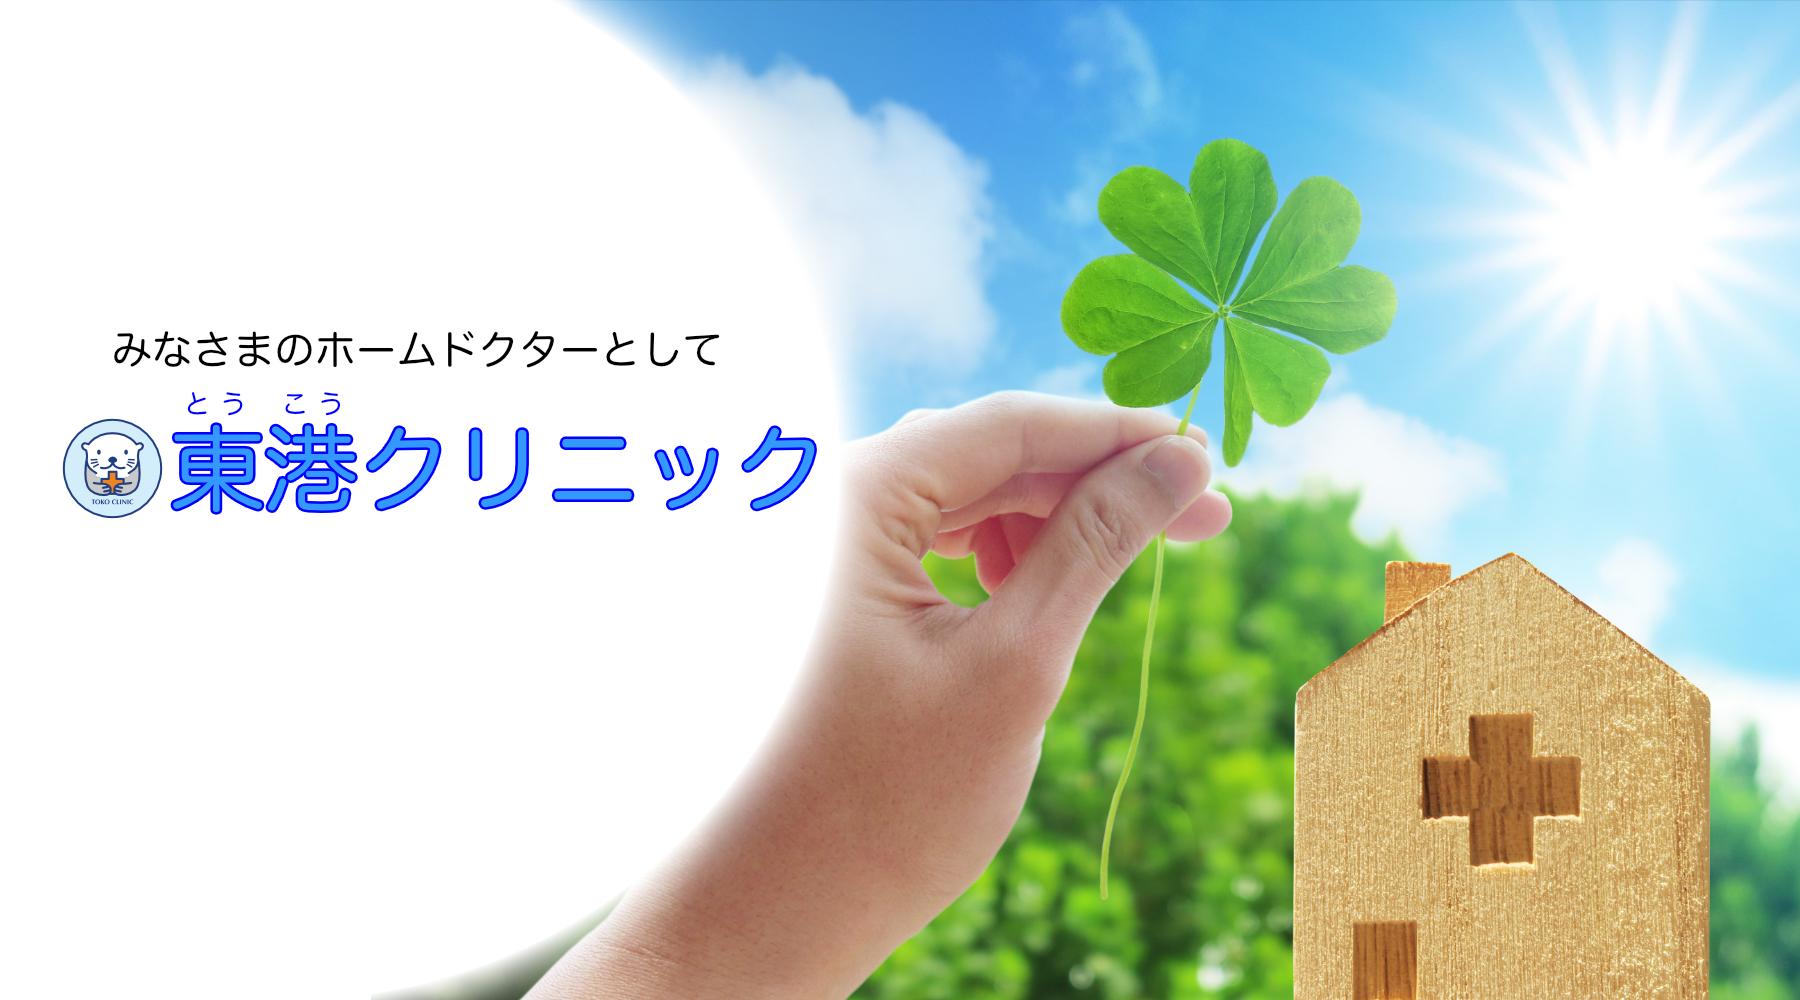 名古屋市港区東港クリニックのホームページです